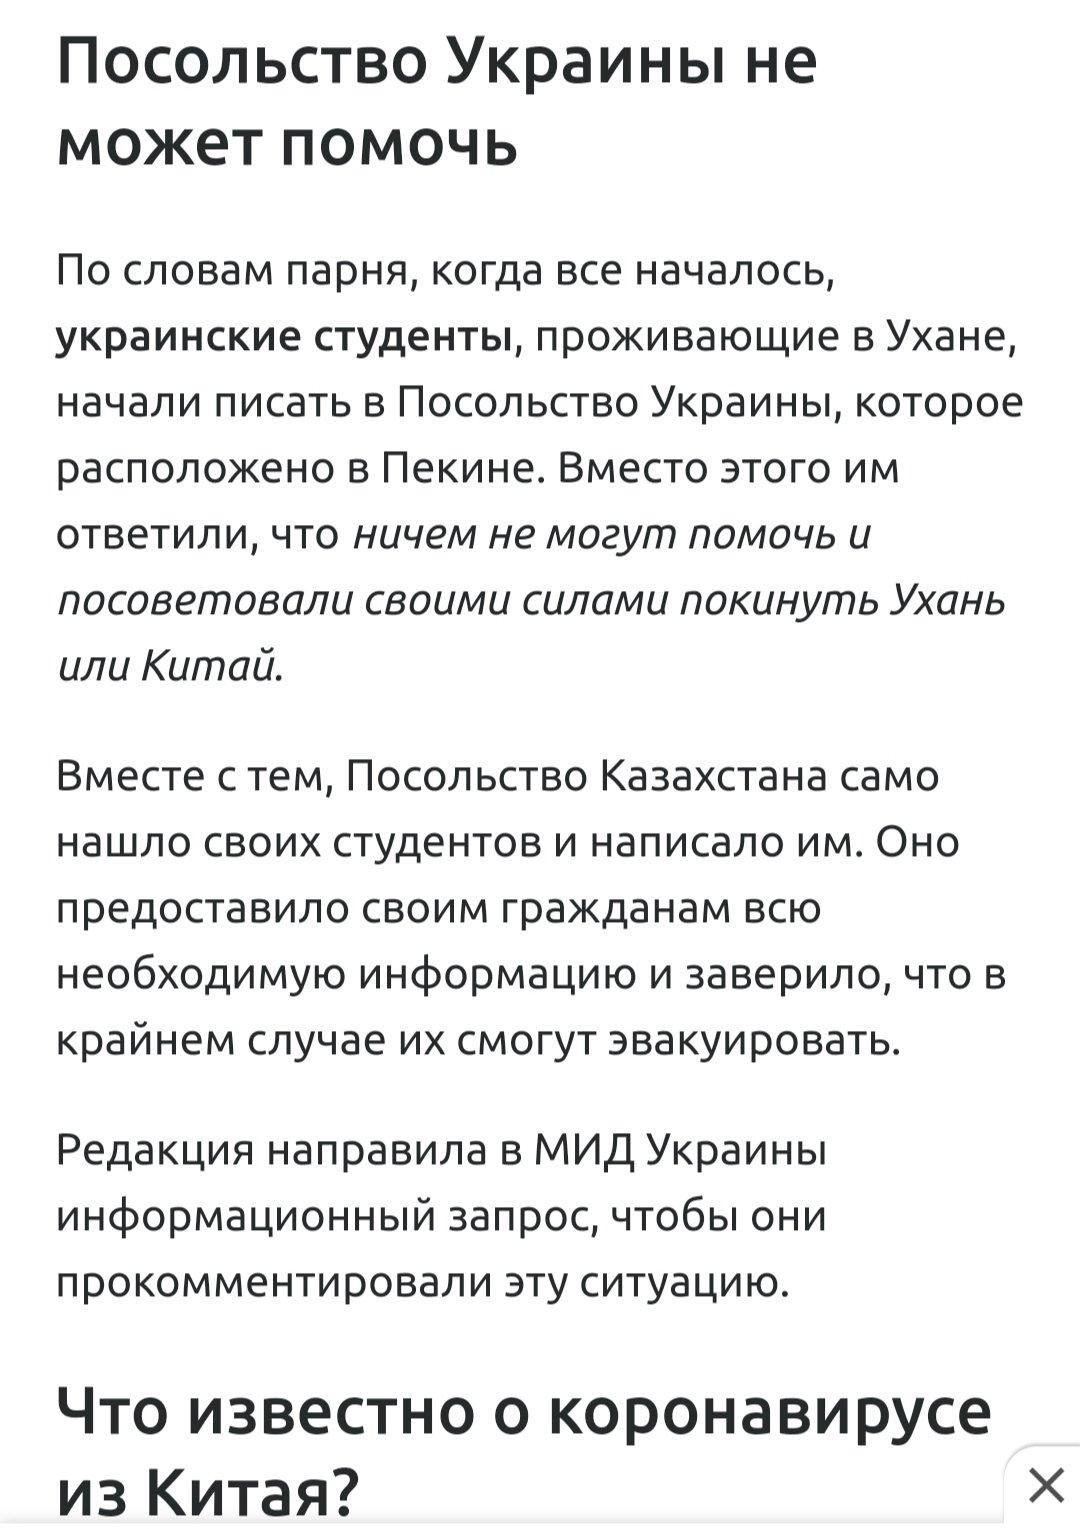 Трамп опроверг заявление Болтона о задержке помощи Украине из-за дела Байдена - Цензор.НЕТ 2887